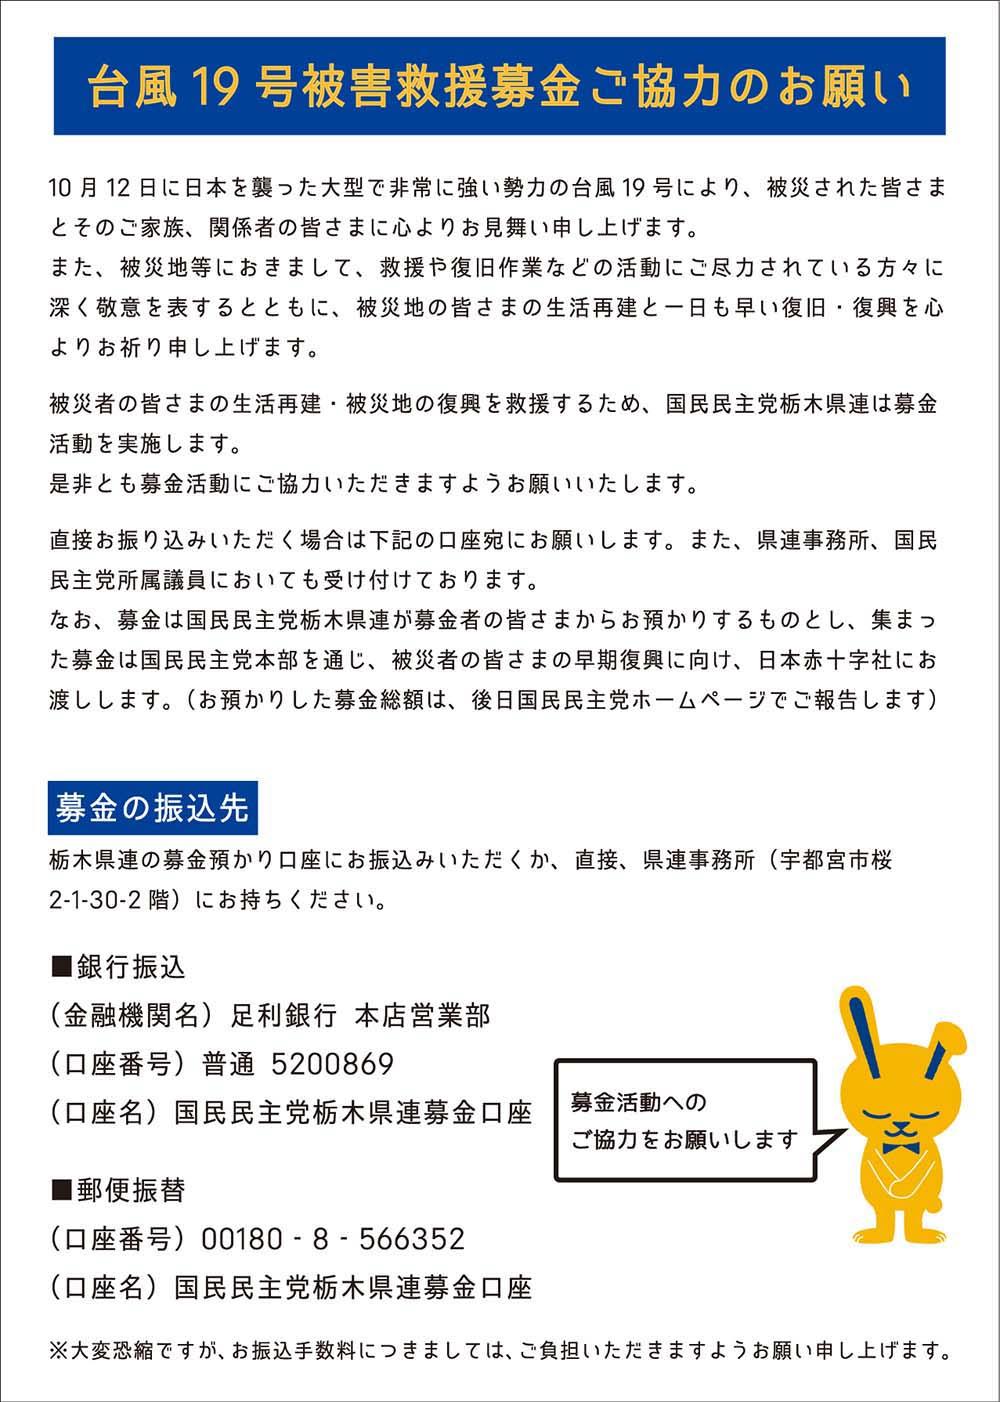 台風19号被害救援募金のお願い